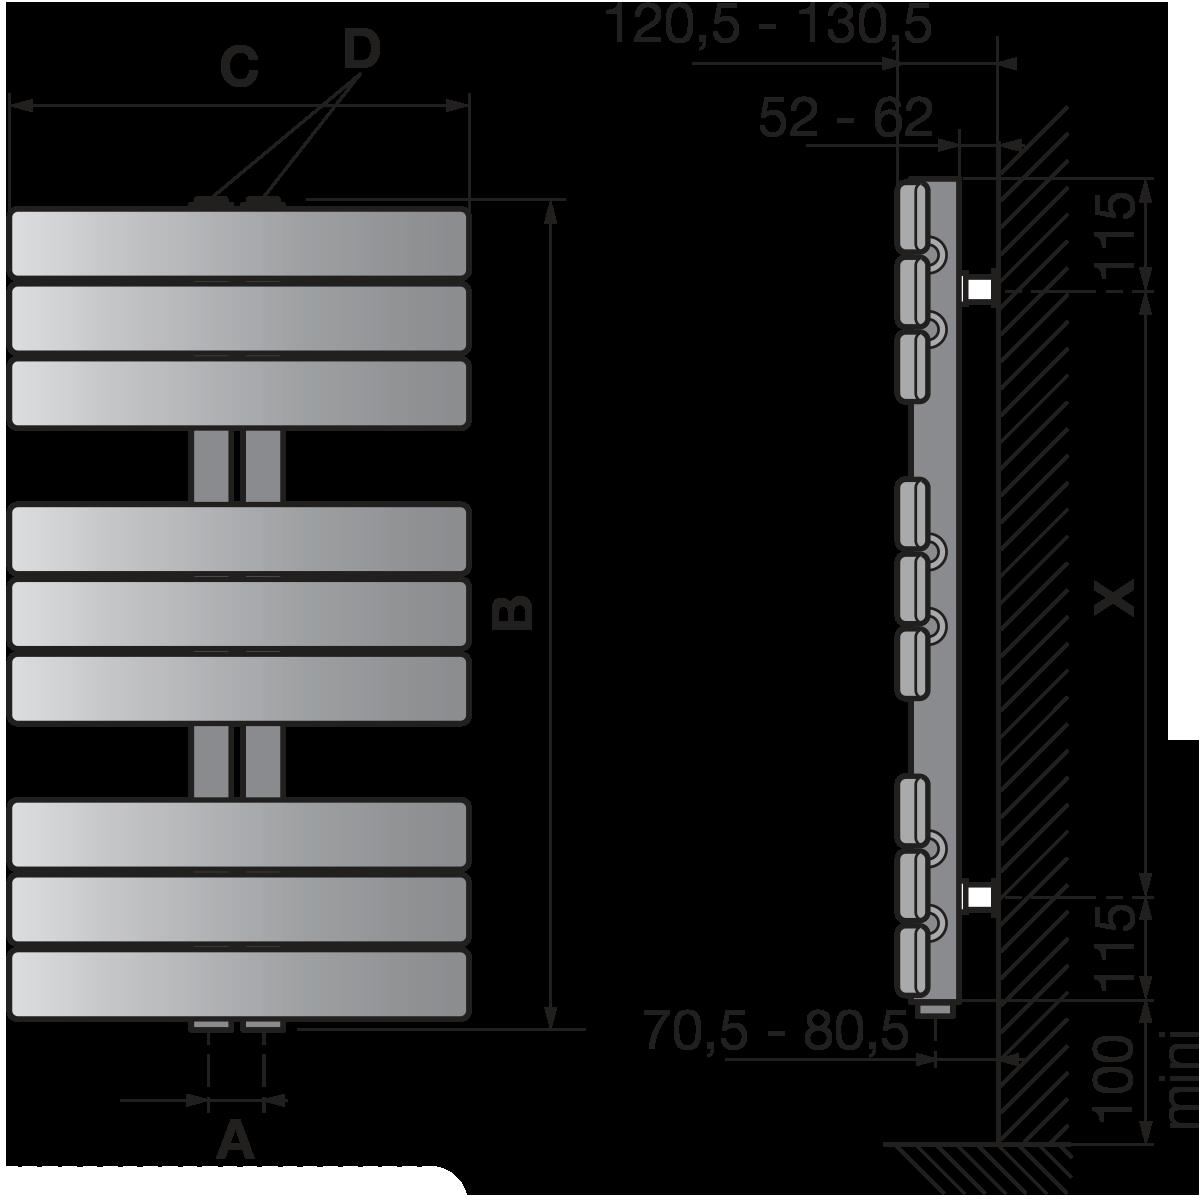 Hauteur radiateur par rapport au sol chappee radiateur - Hauteur d un rideau par rapport au sol ...